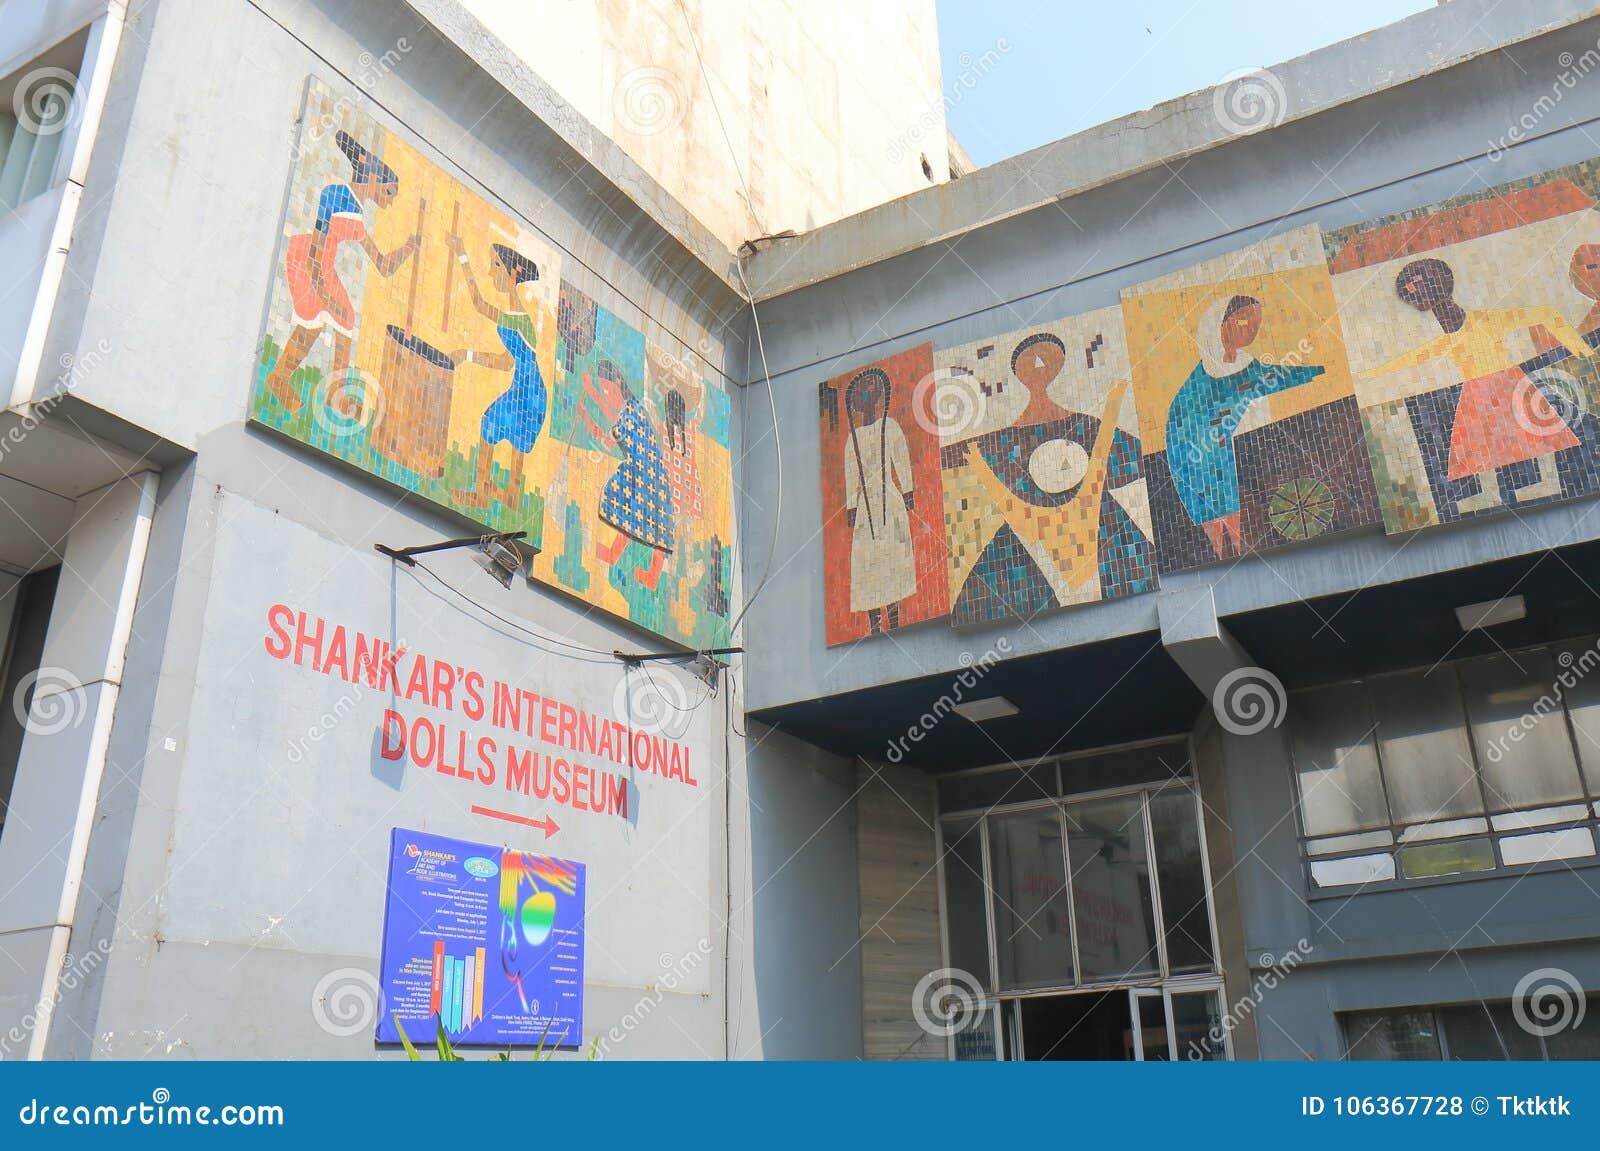 Shankars International Dolls Museum New Delhi India Editorial Stock